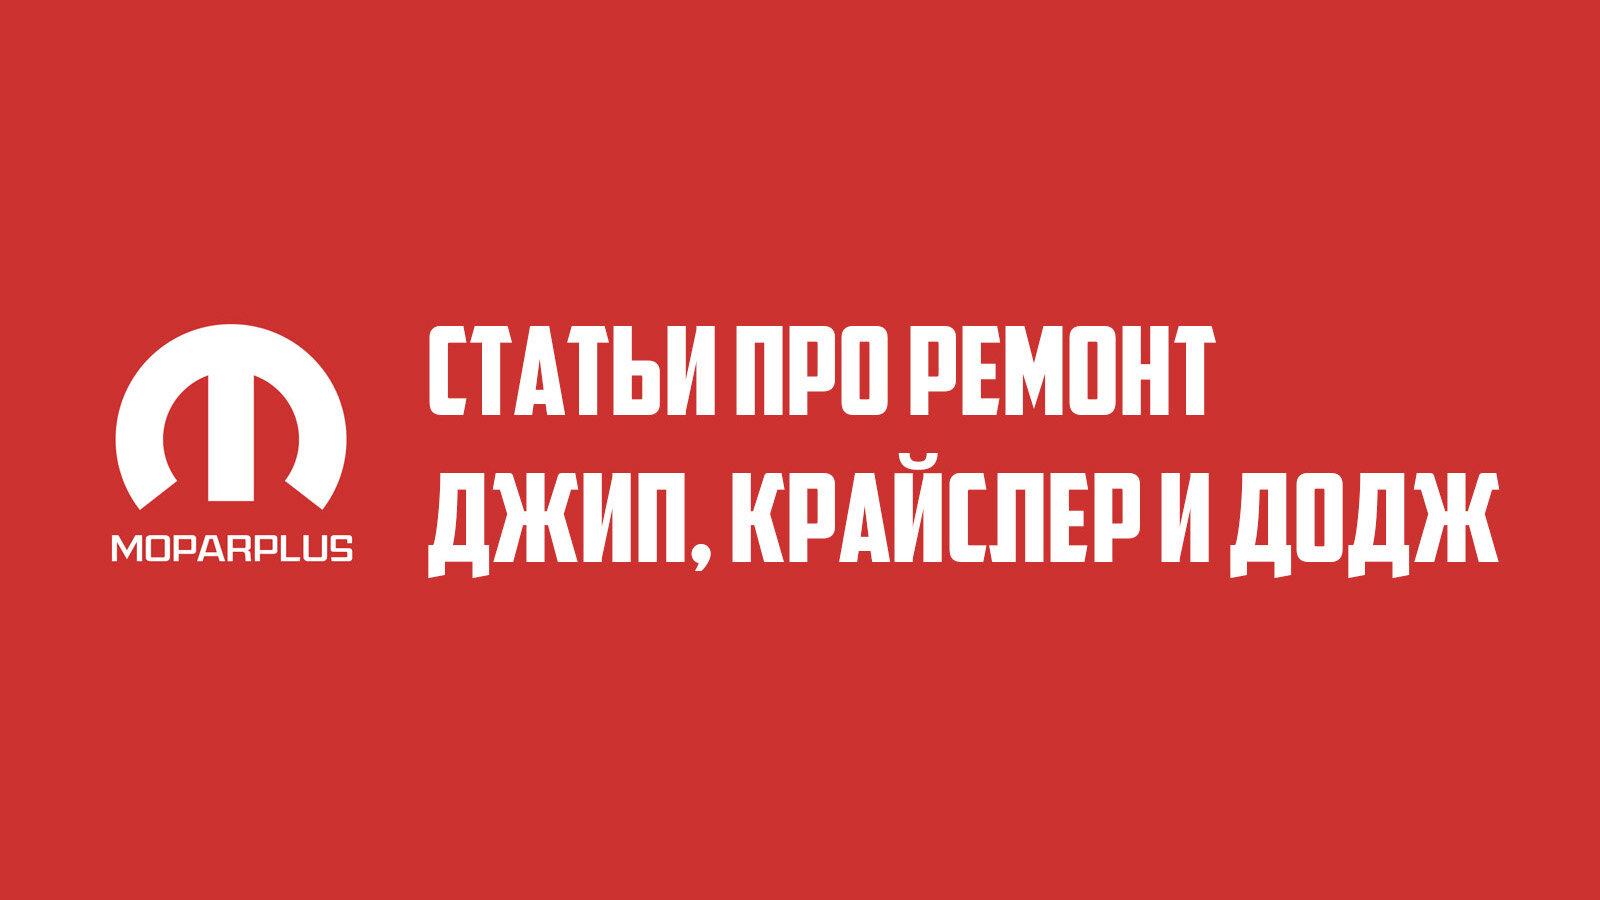 Статьи про ремонт. Выпуск №79.